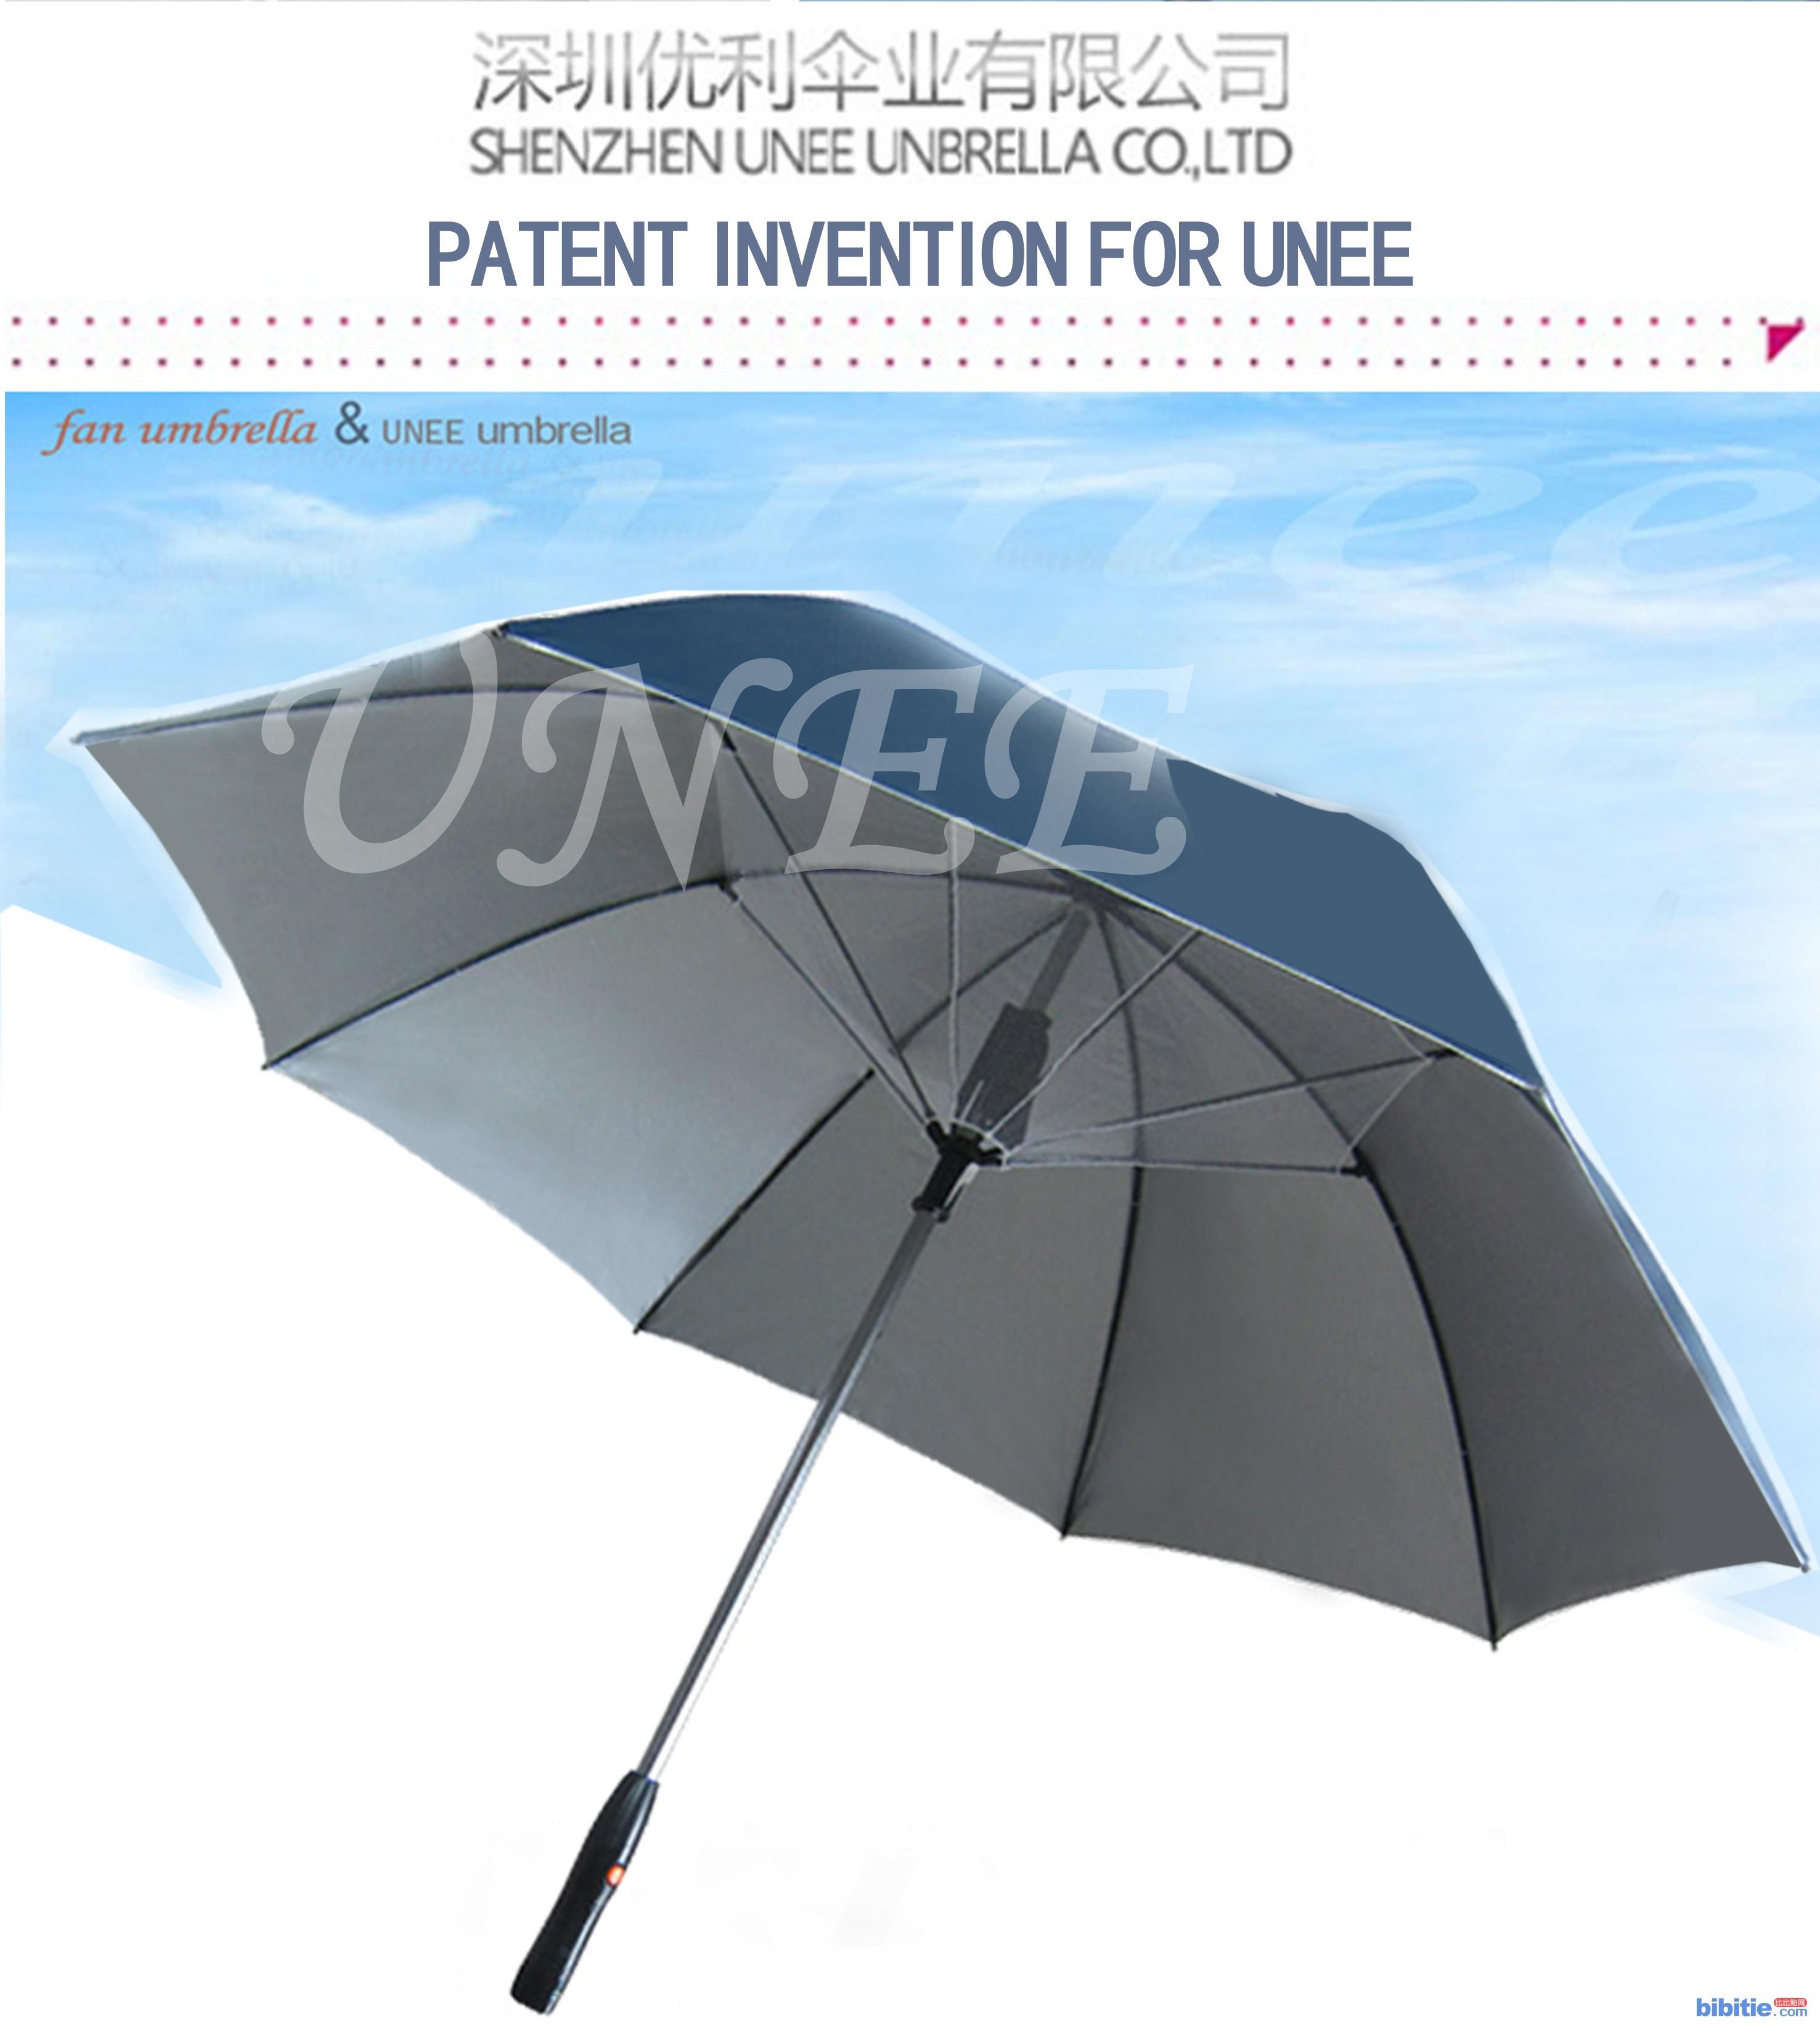 供应夏日必备 强防紫外线 遮阳风扇伞 外加超强防泼水伞面图片